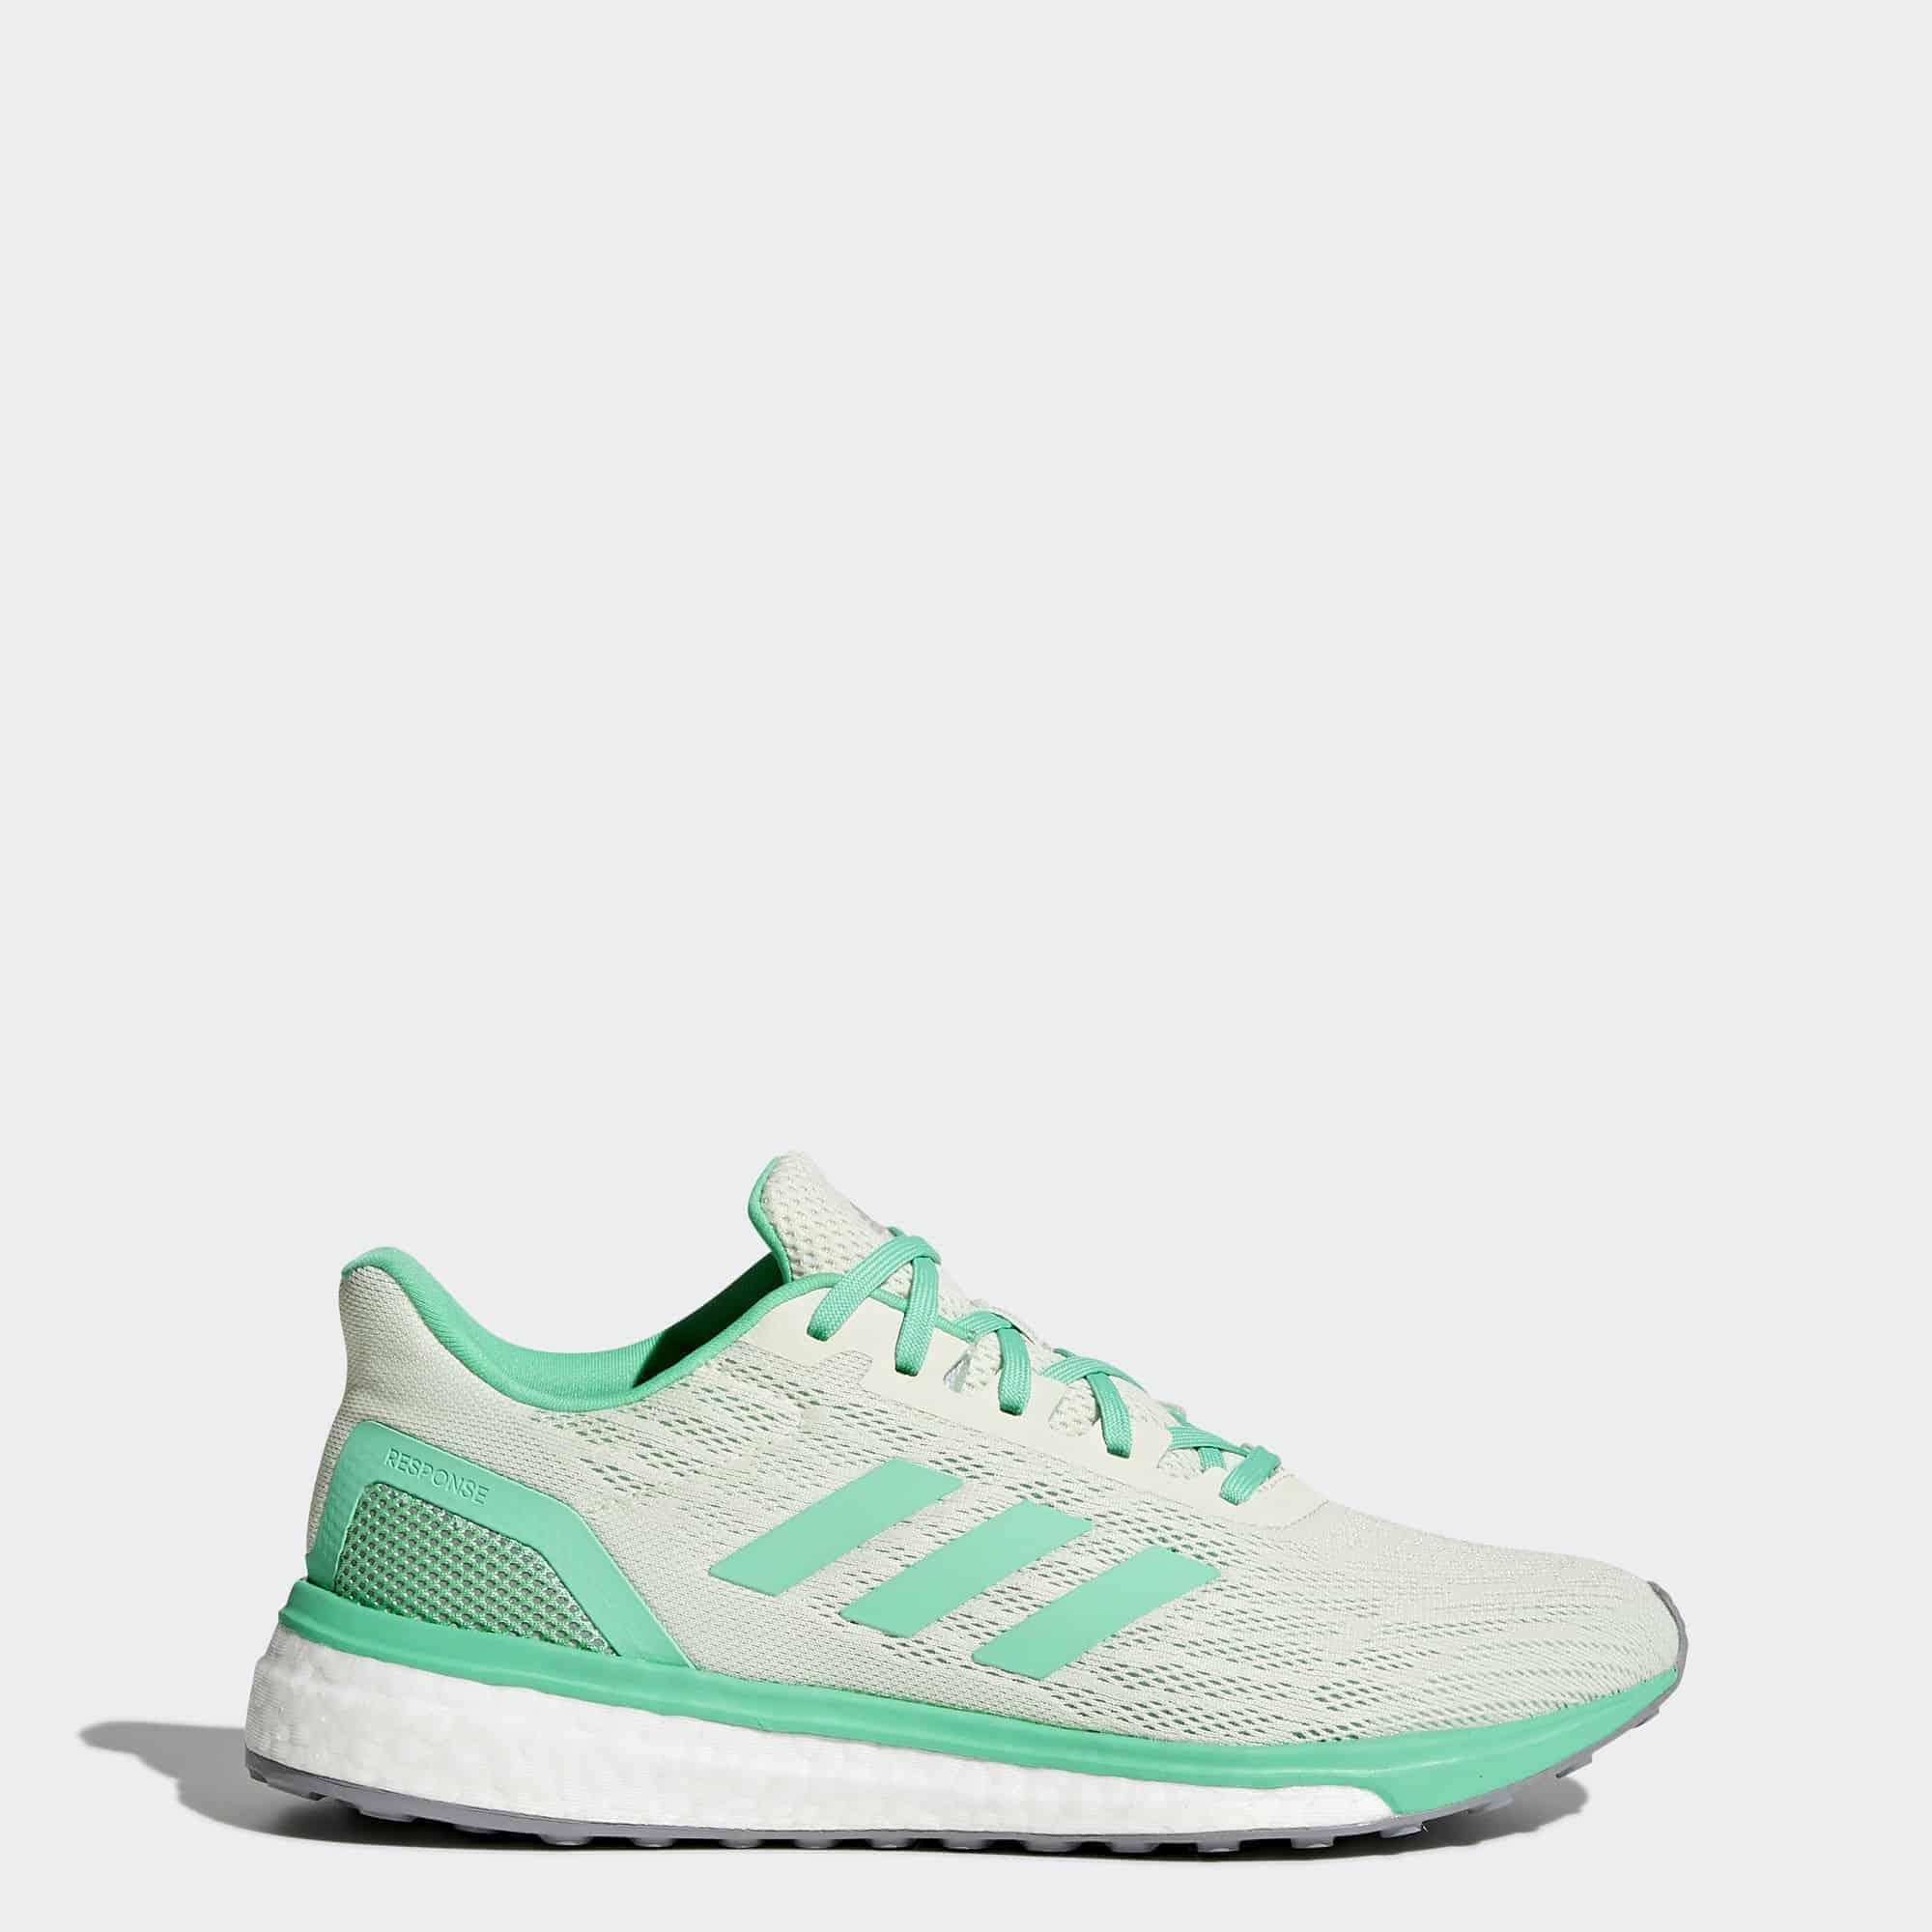 Кроссовки для бега Adidas Response женские